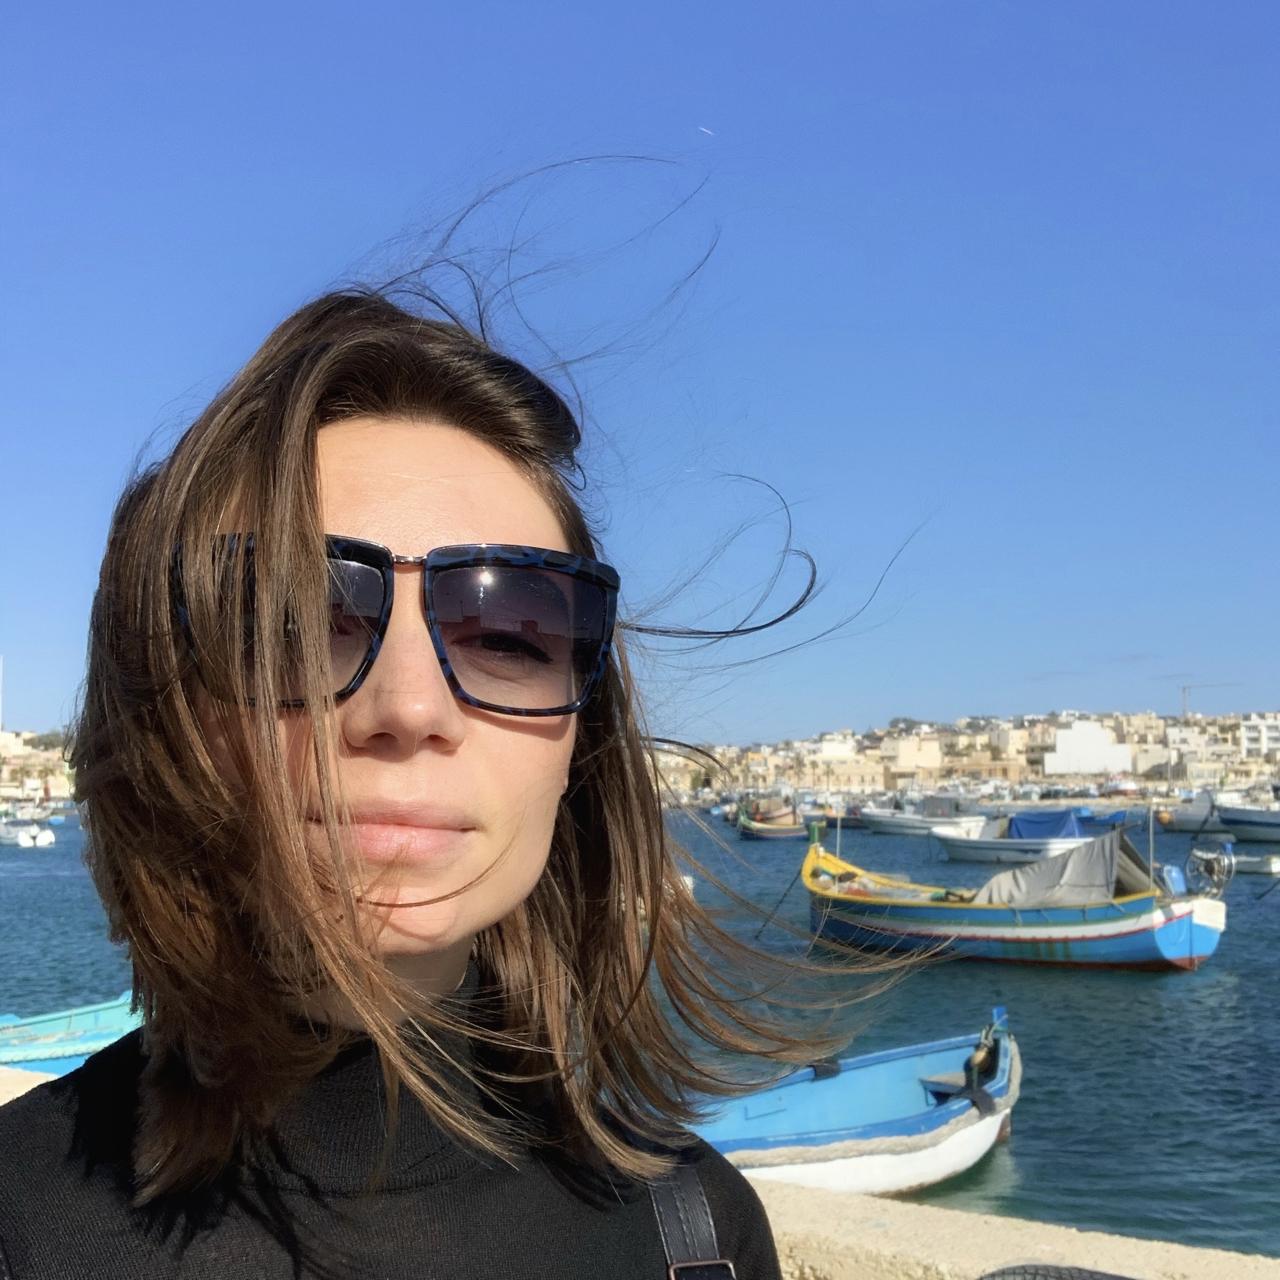 Marsaxlokk, Malta - 6